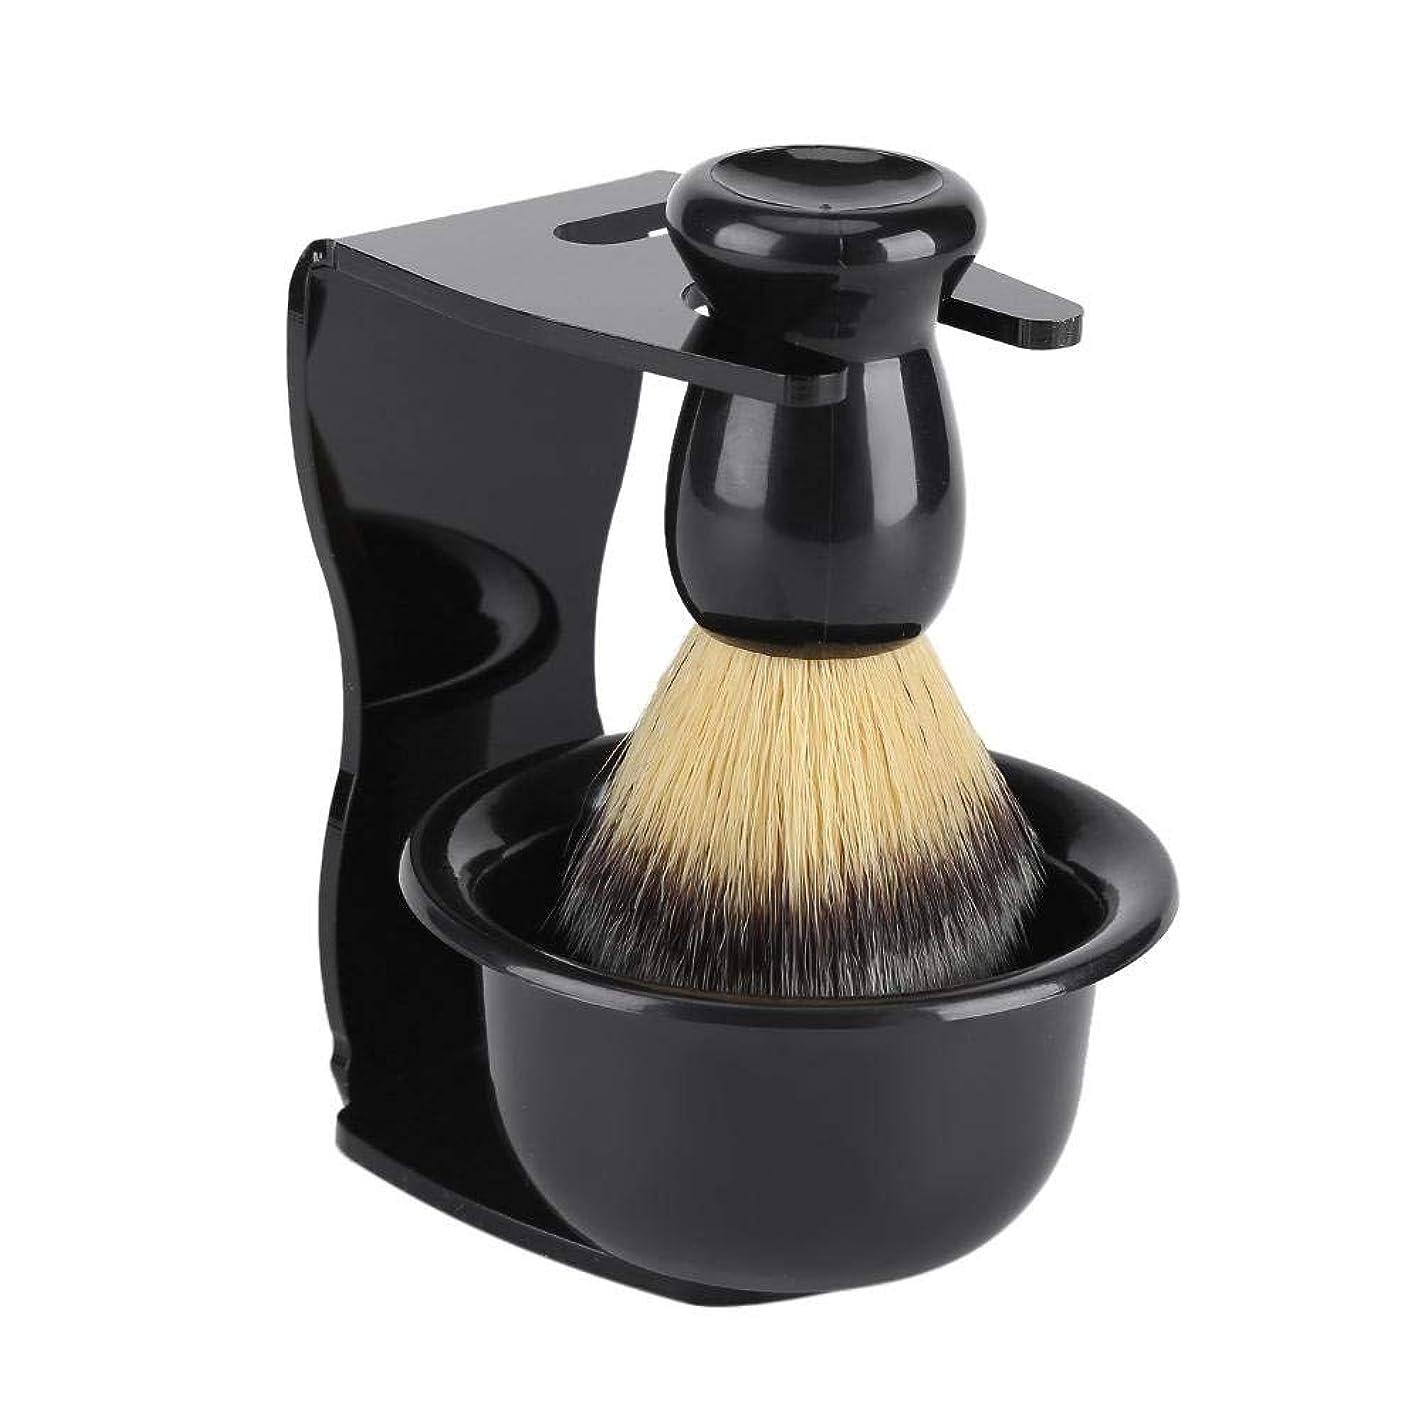 チーズアレルギー接続3セットひげブラシ シェービングブラシ プレゼントシェービングブラシセット プラシスタンド 石鹸ボウル 理容 洗顔 髭剃り